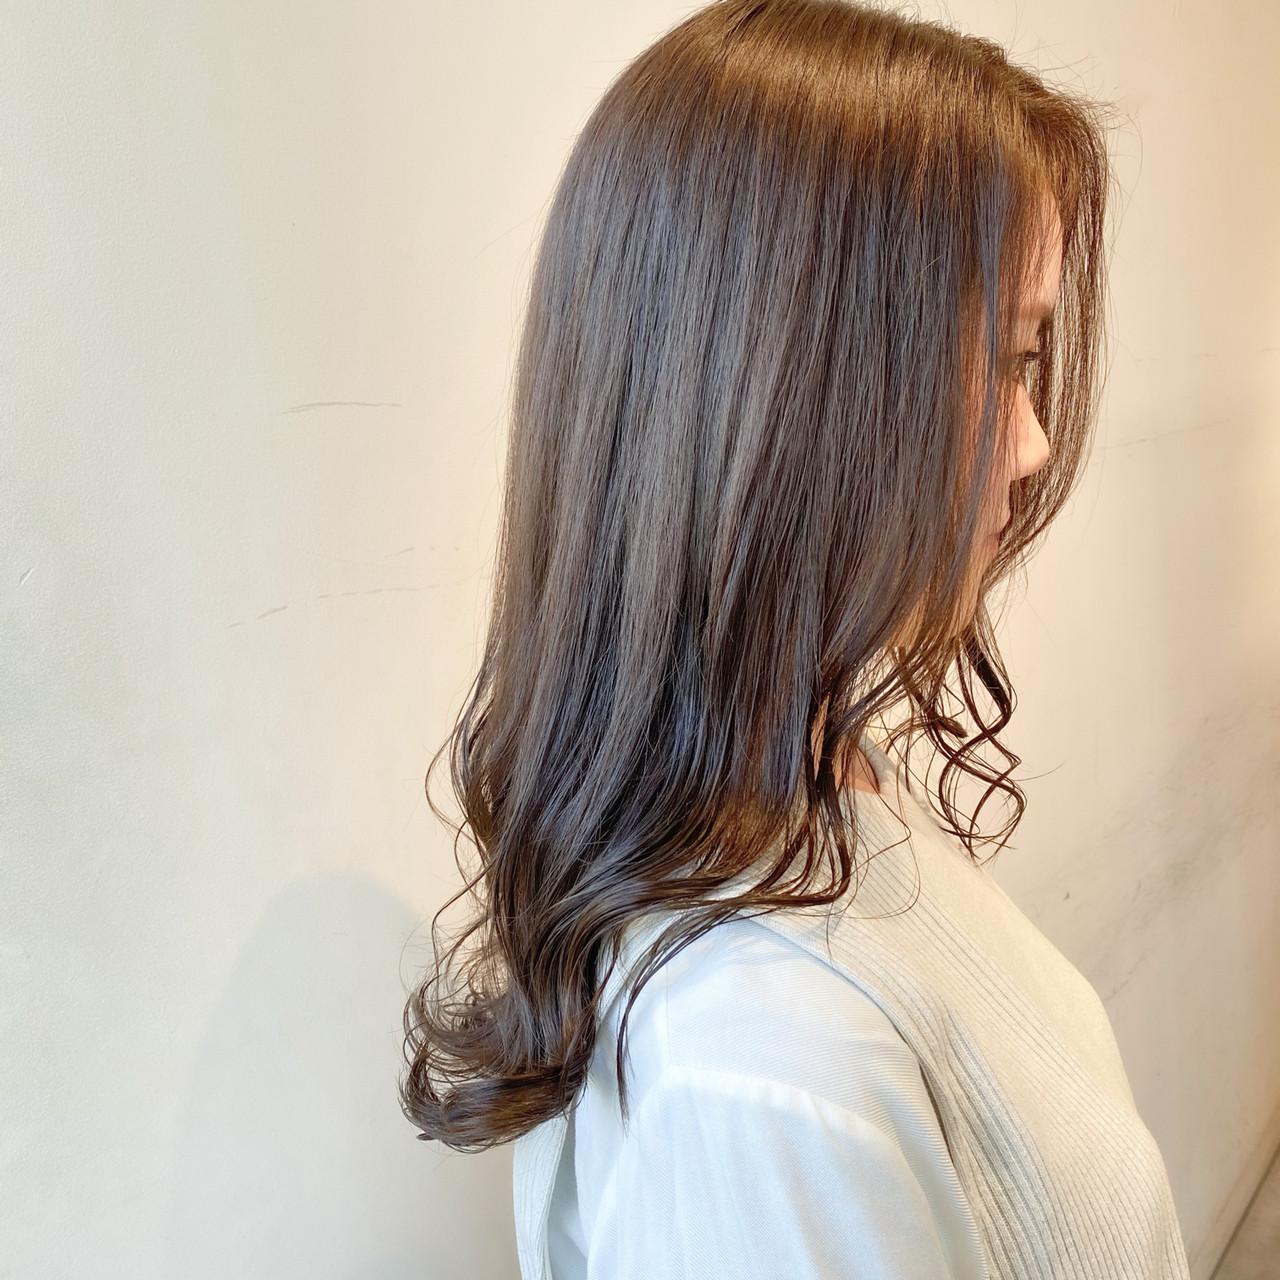 ブリーチなし ミルクティーグレージュ グレージュ ナチュラル ヘアスタイルや髪型の写真・画像 | 村西 郁人 / rue